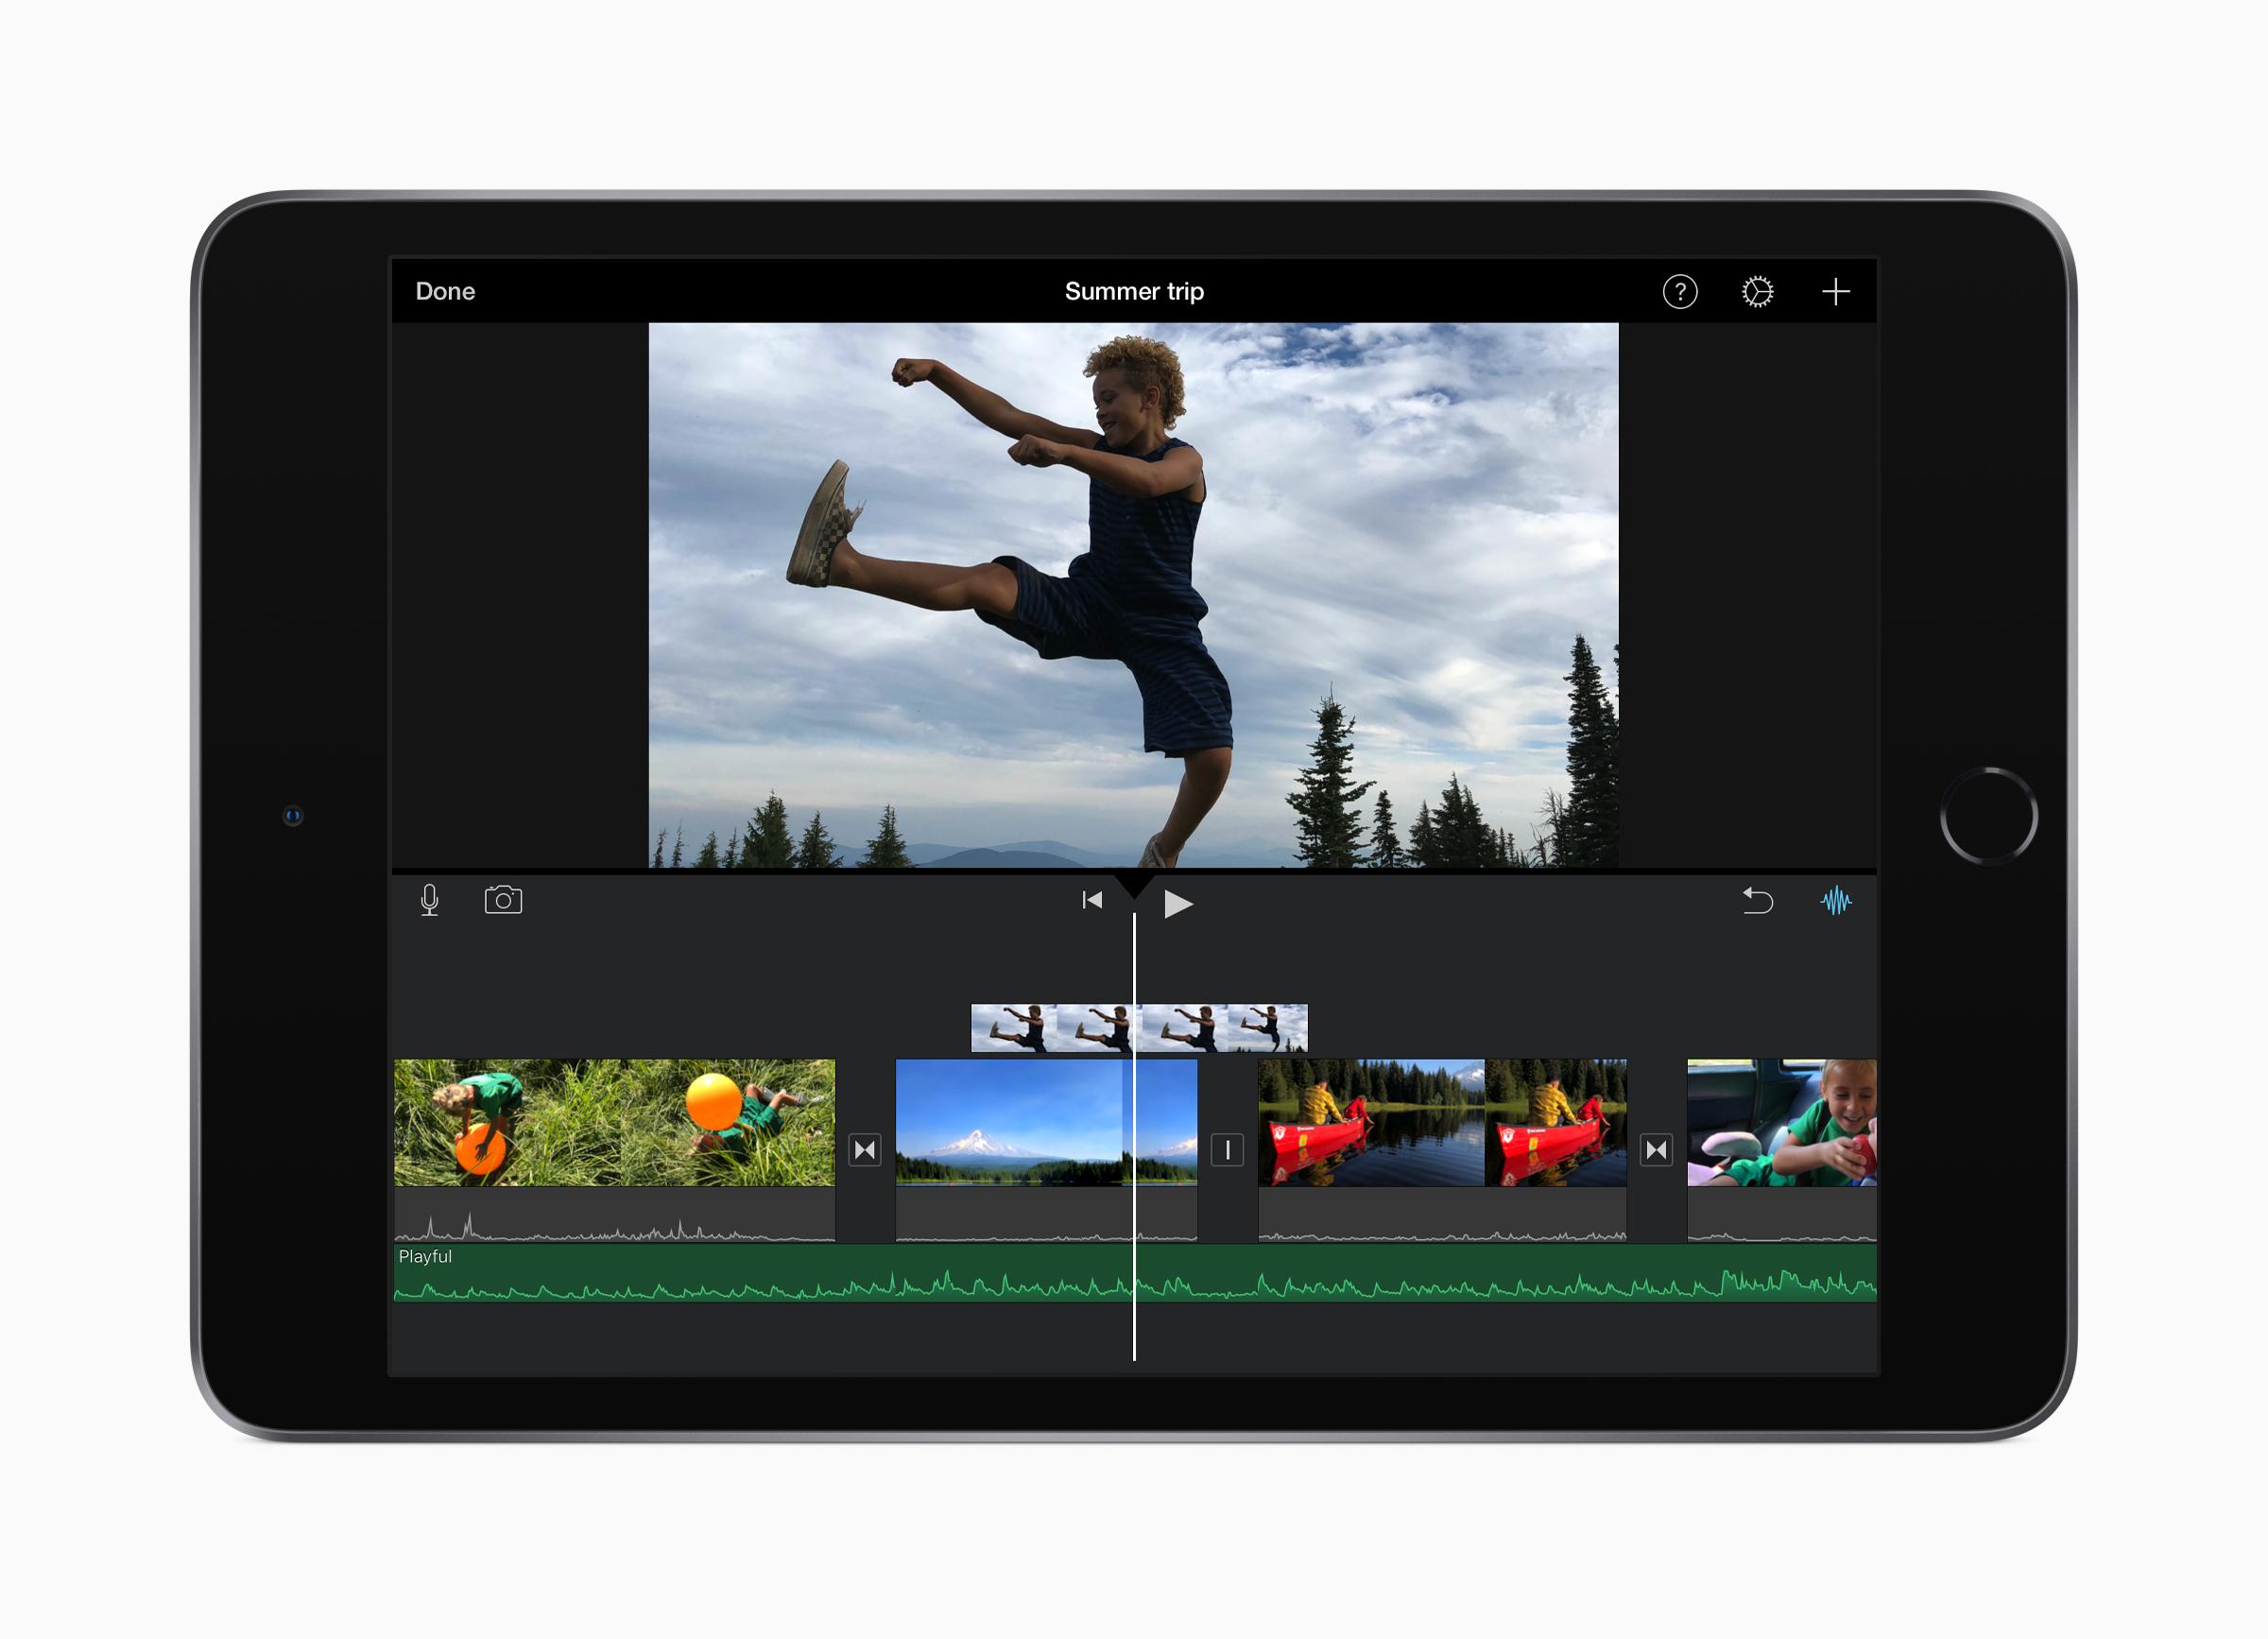 New-iPad-Mini-iMovie-03192019.jpg